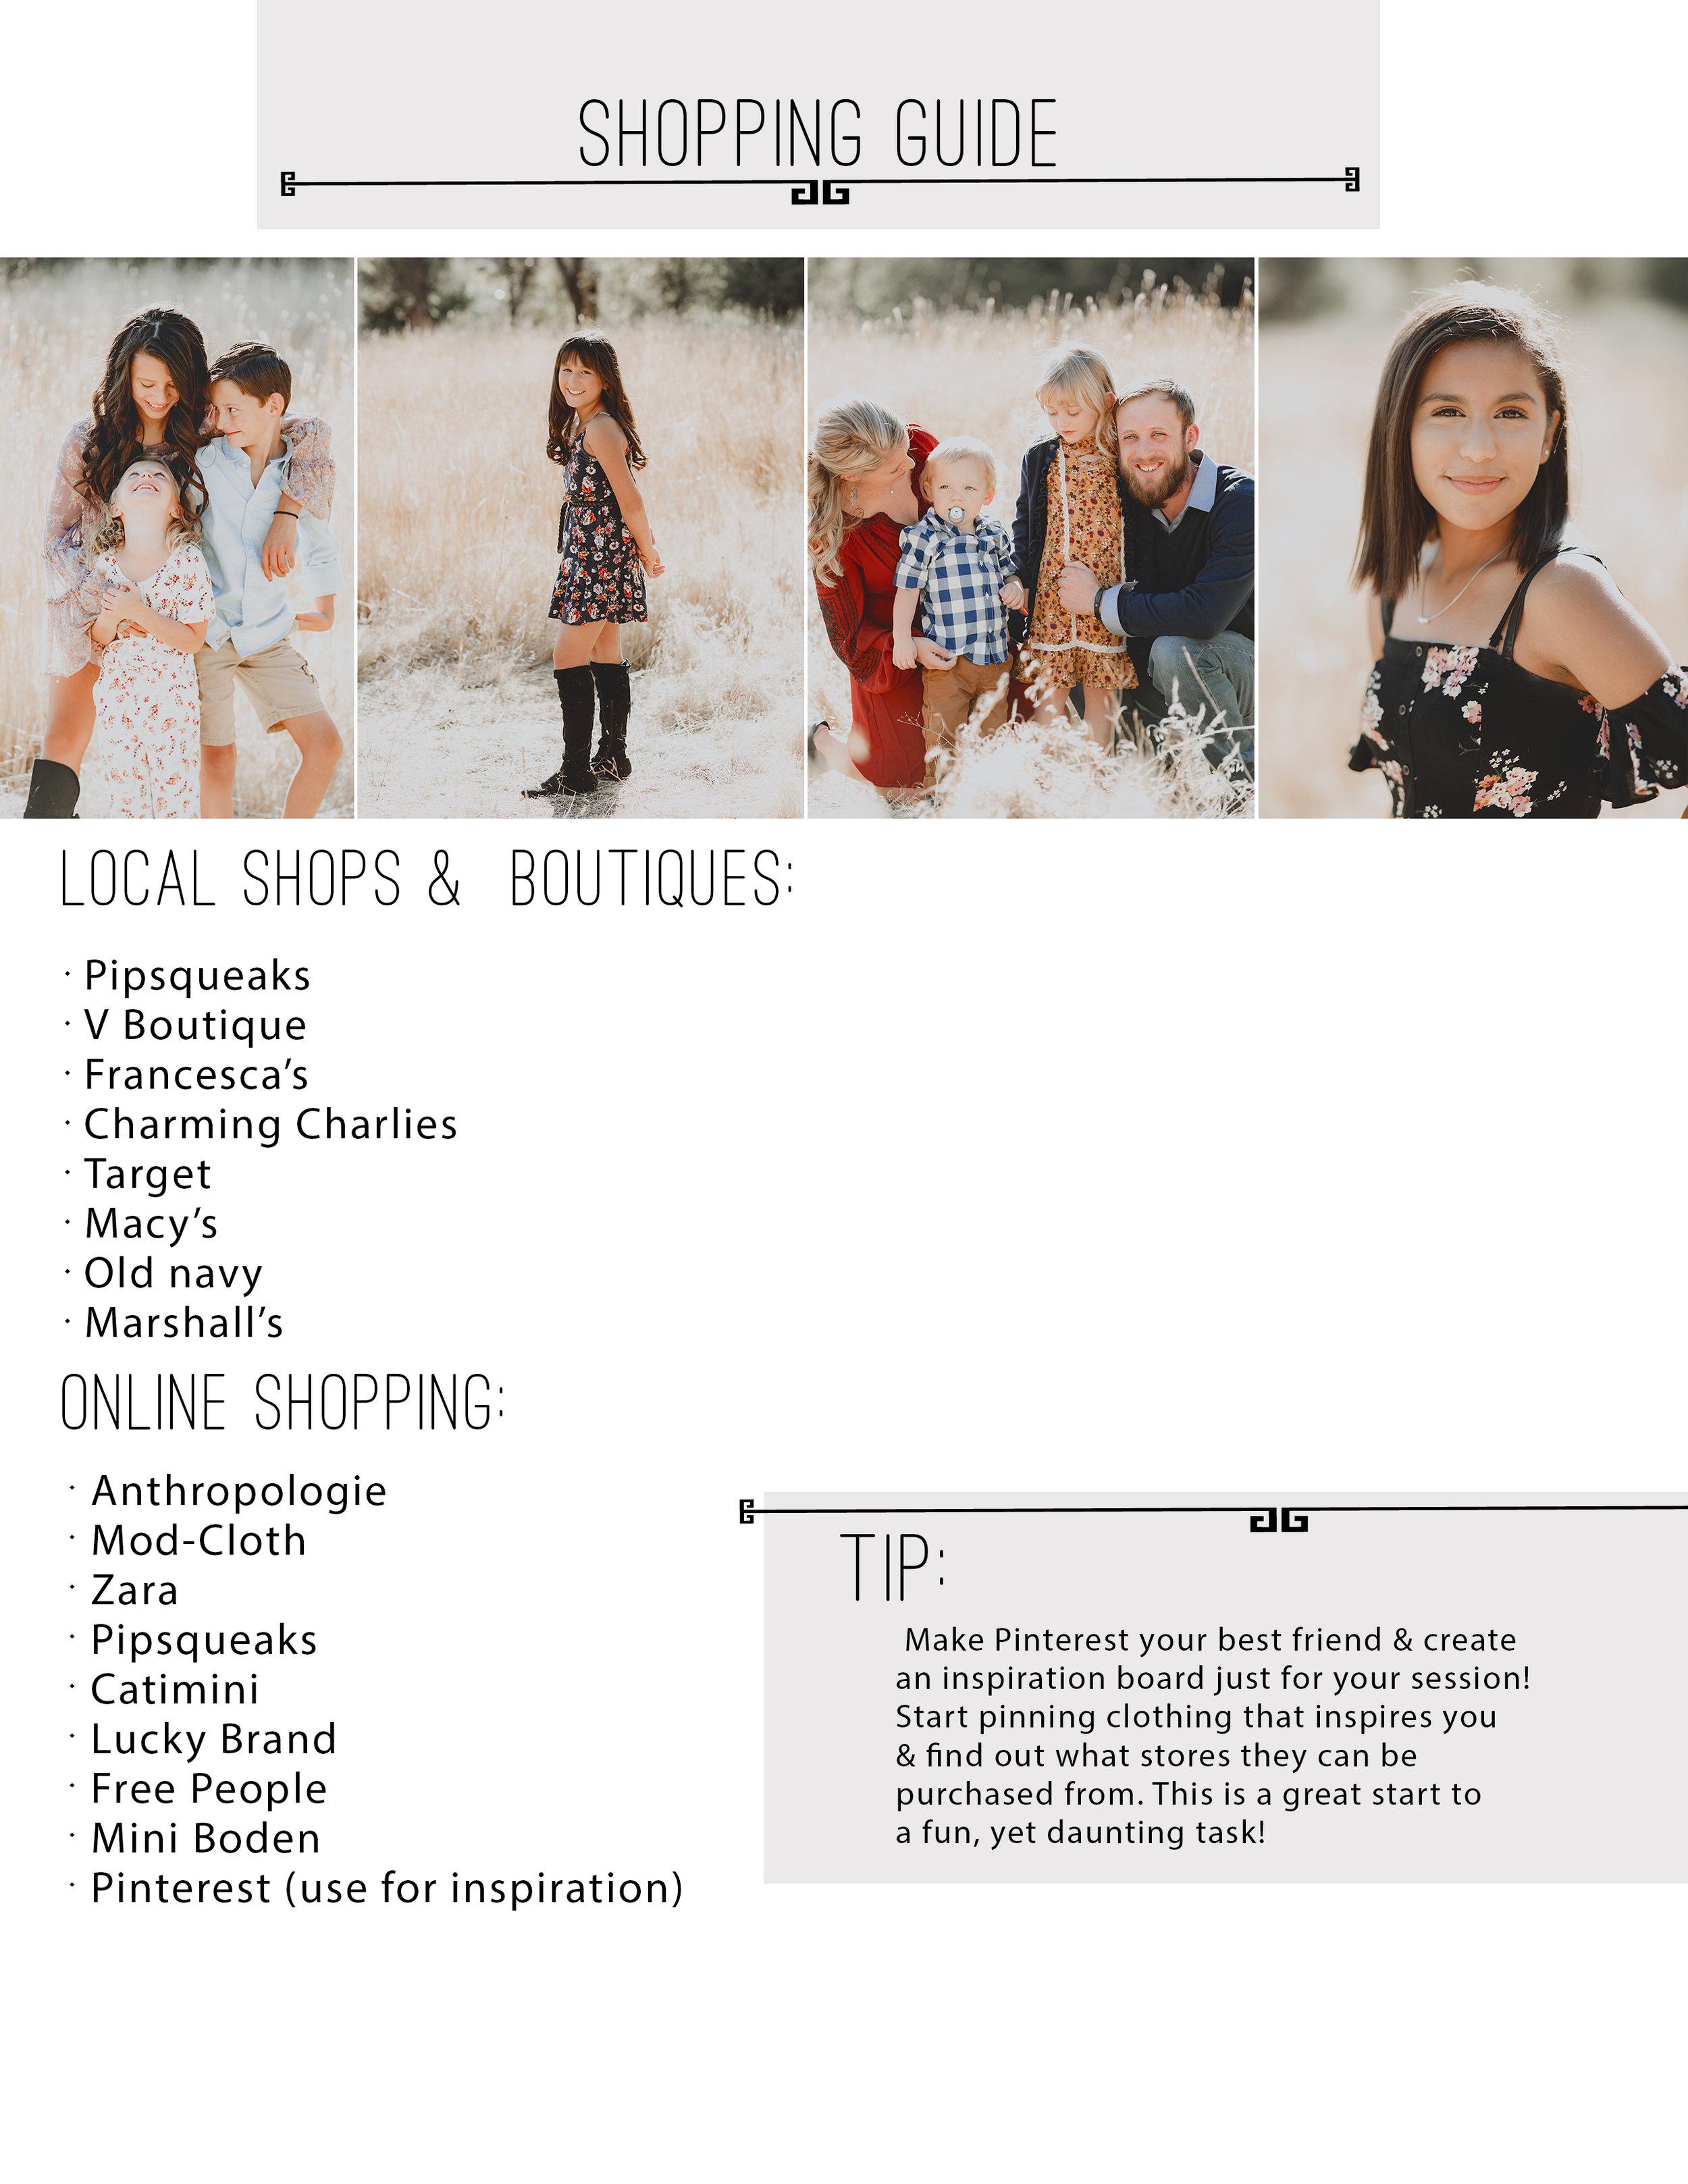 Shopping Guide.jpg